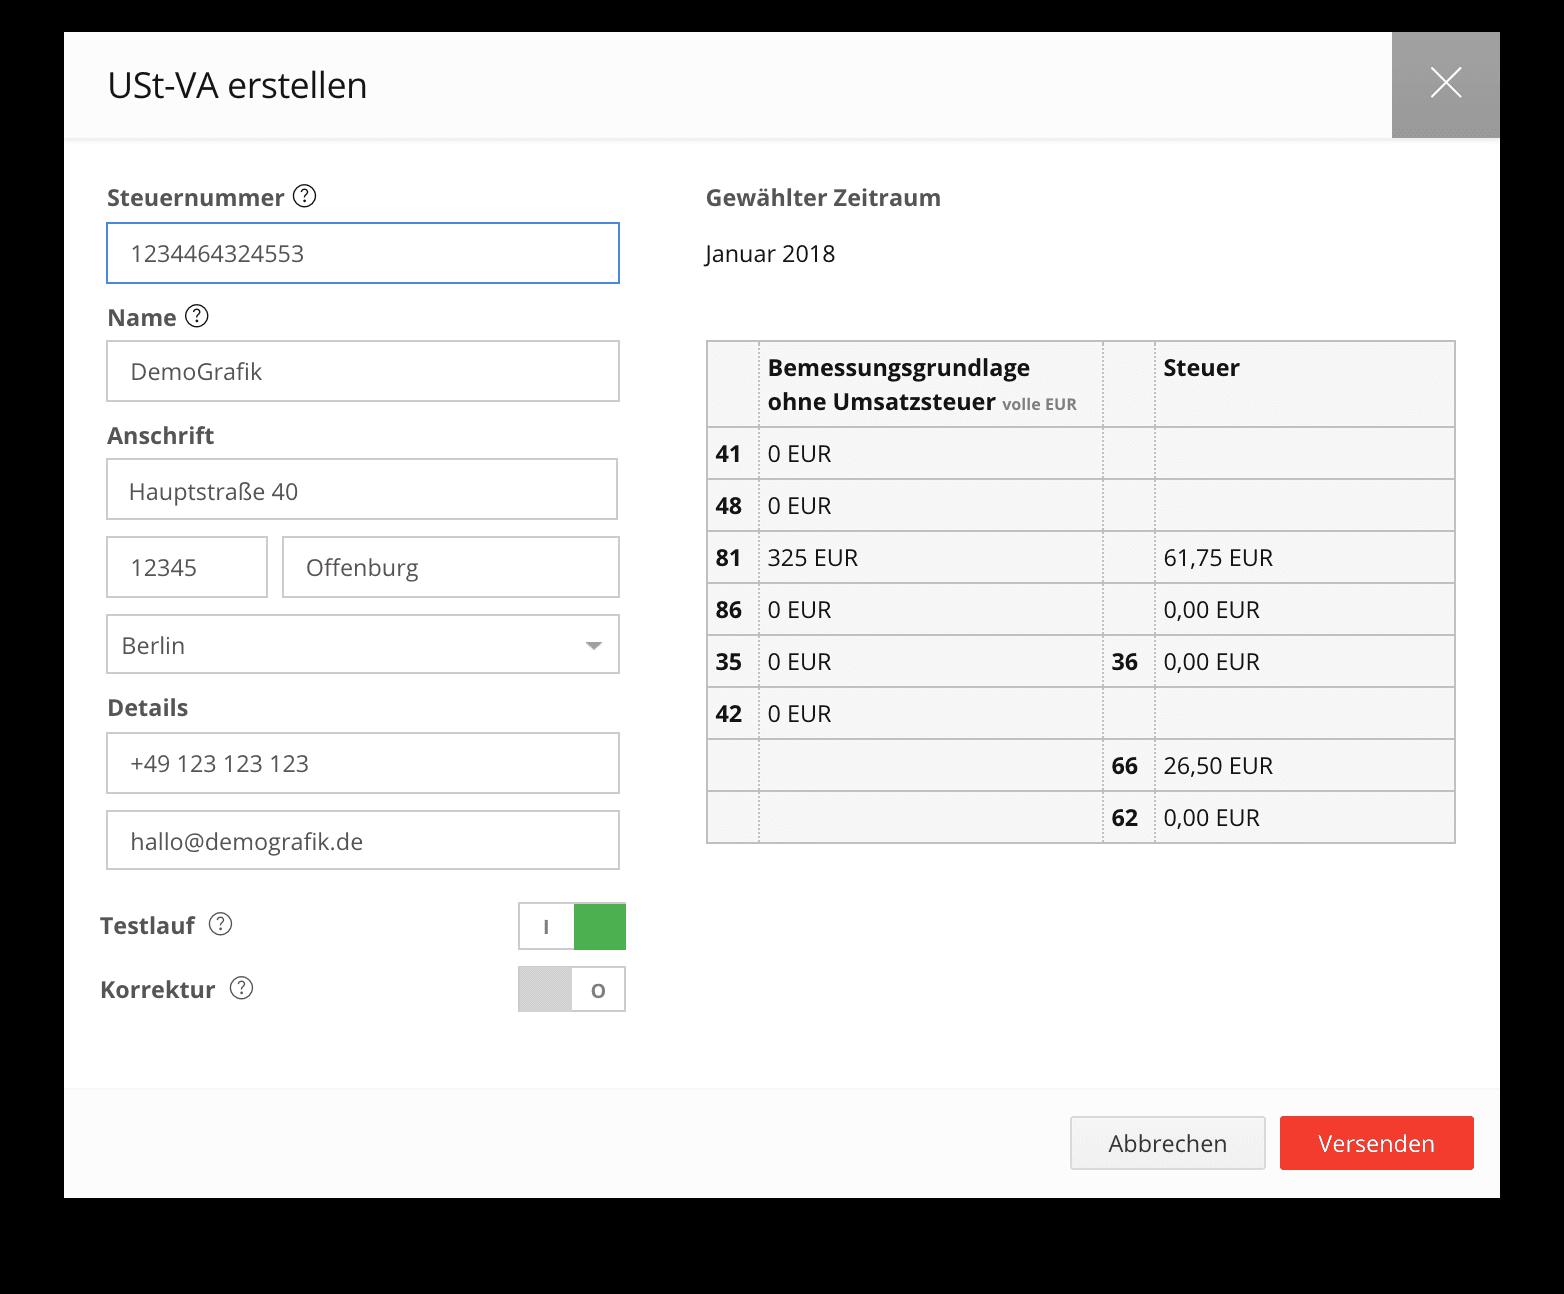 Umsatzsteuer-Voranmeldung USt-Va automatisiert mit der Buchhaltungssoftware sevDesk